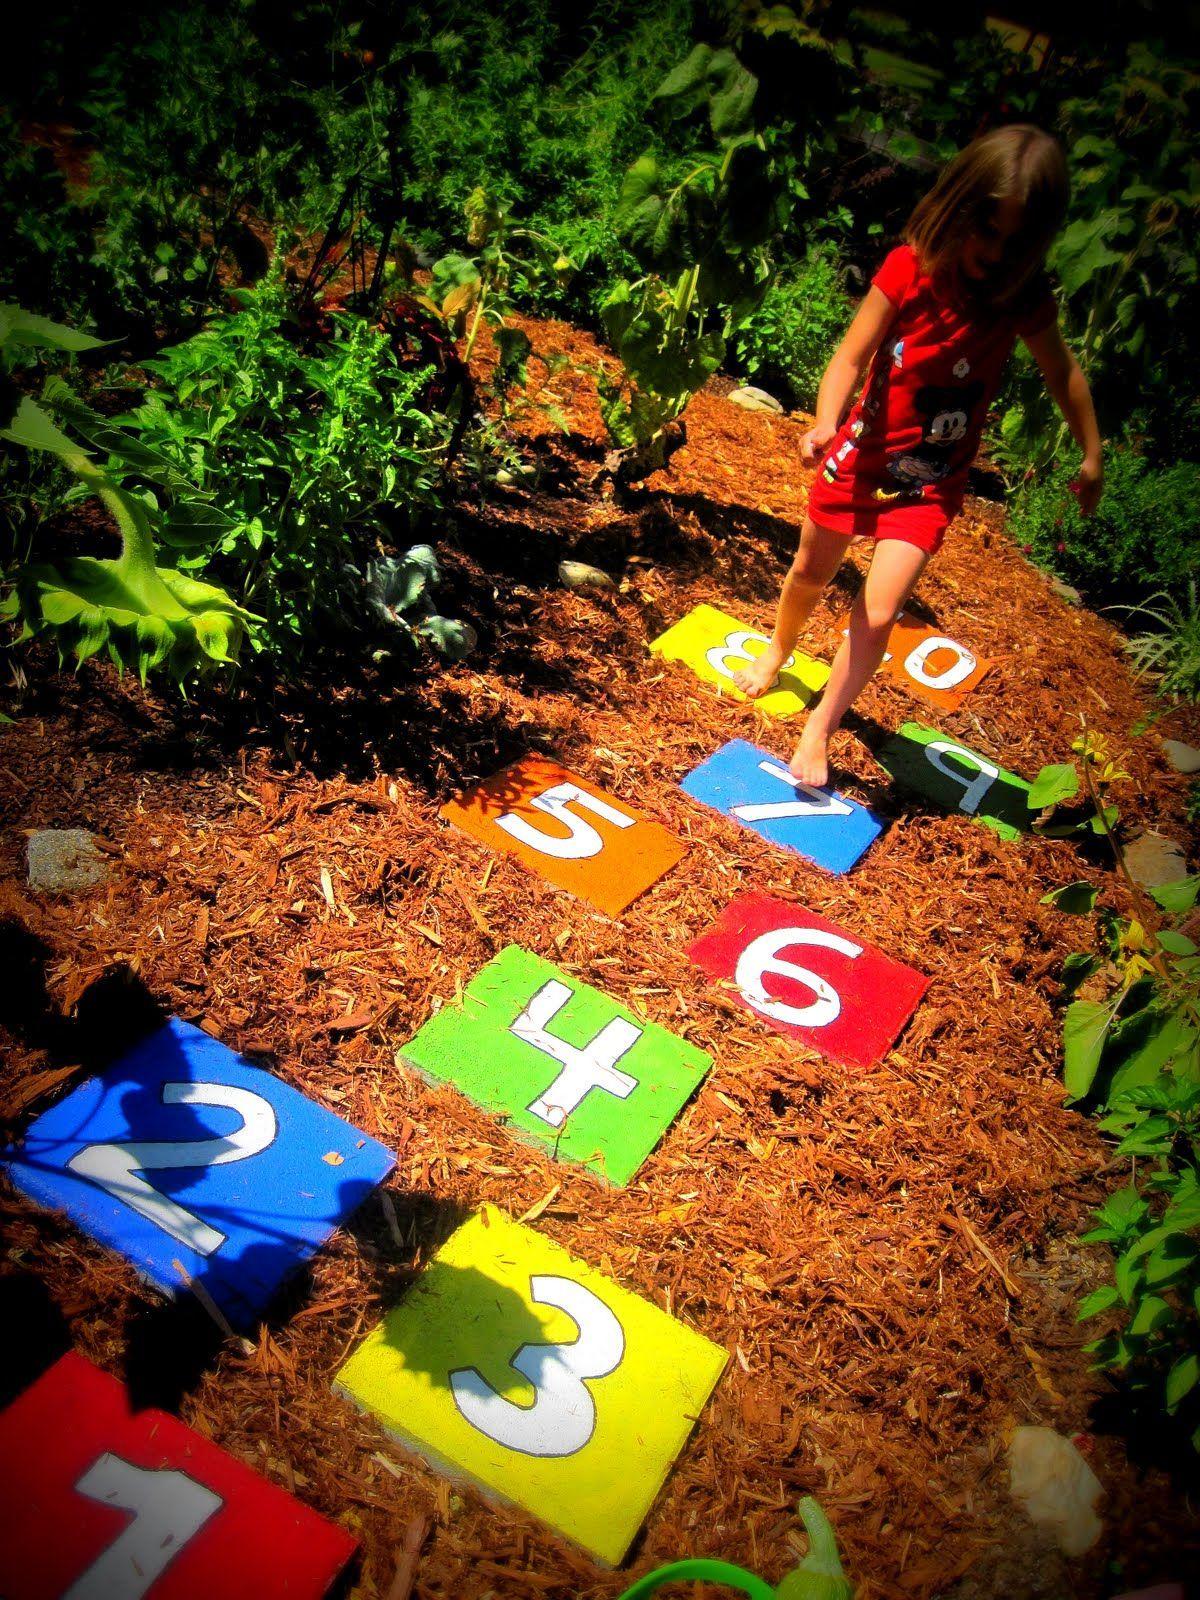 20 Beautiful Diy Stepping Stone Ideas To Decorate Your Garden Spiele Für Draußen Spiele Im Garten Draußen